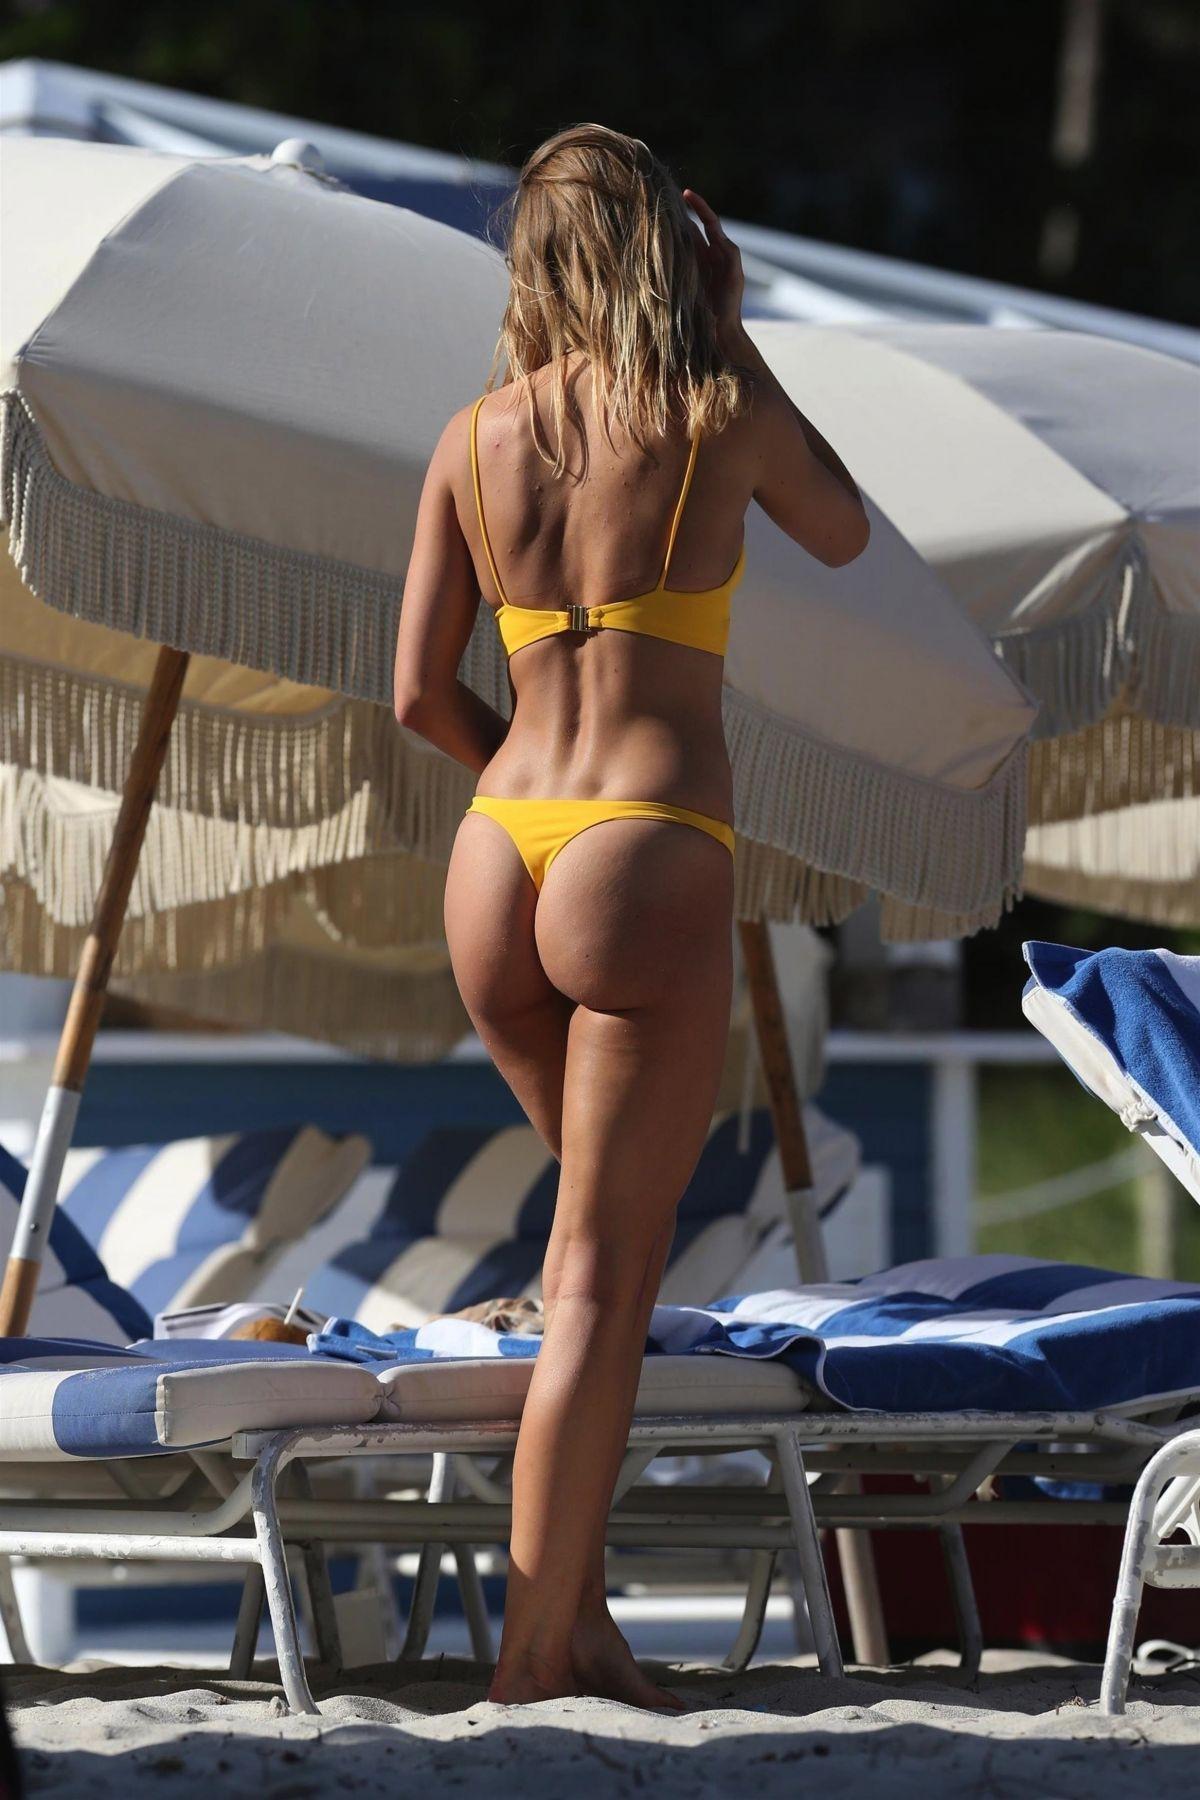 Kimberley Garner in Bikini on the beach in Miami Pic 3 of 35